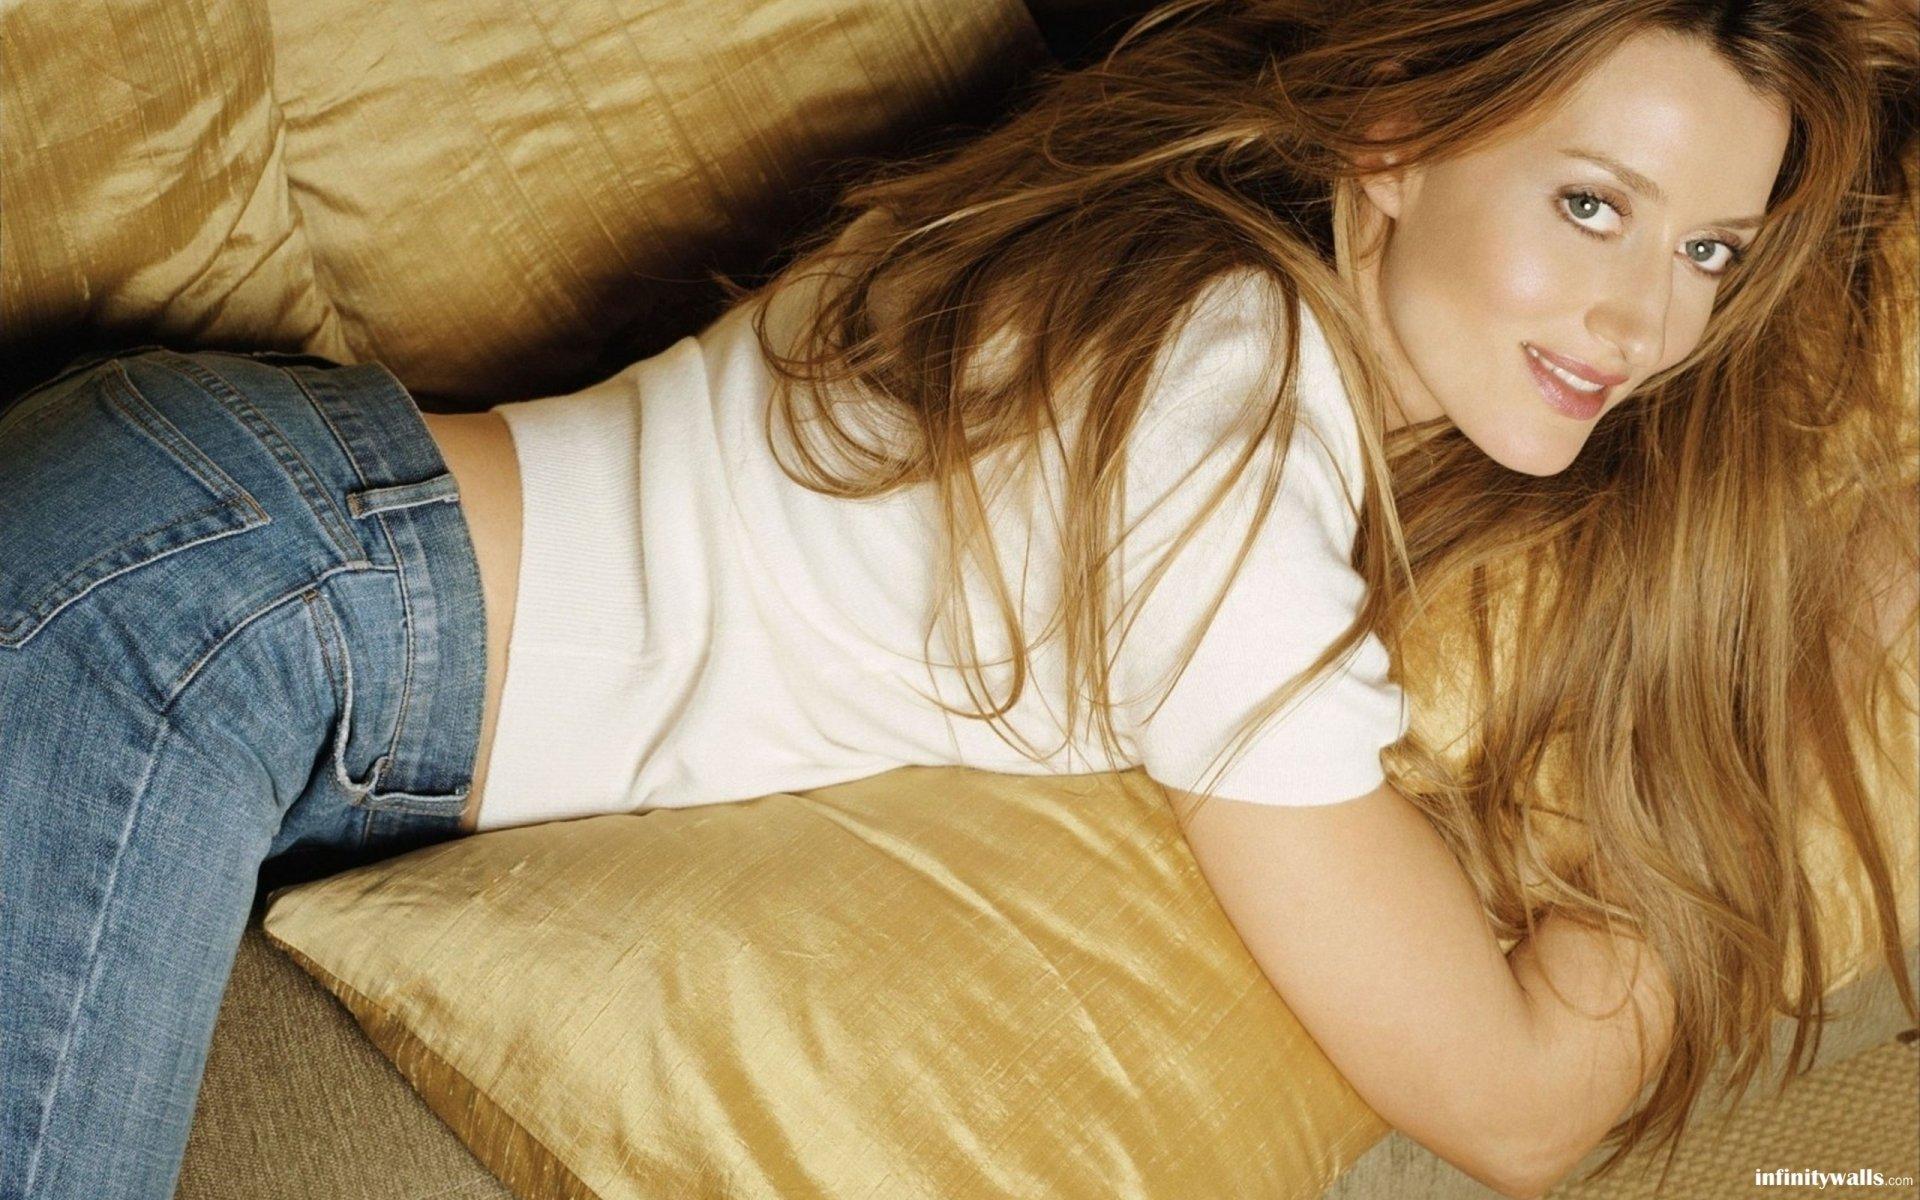 Célébrités - Natascha Mcelhone  Sensuelle Magnifique Fond d'écran